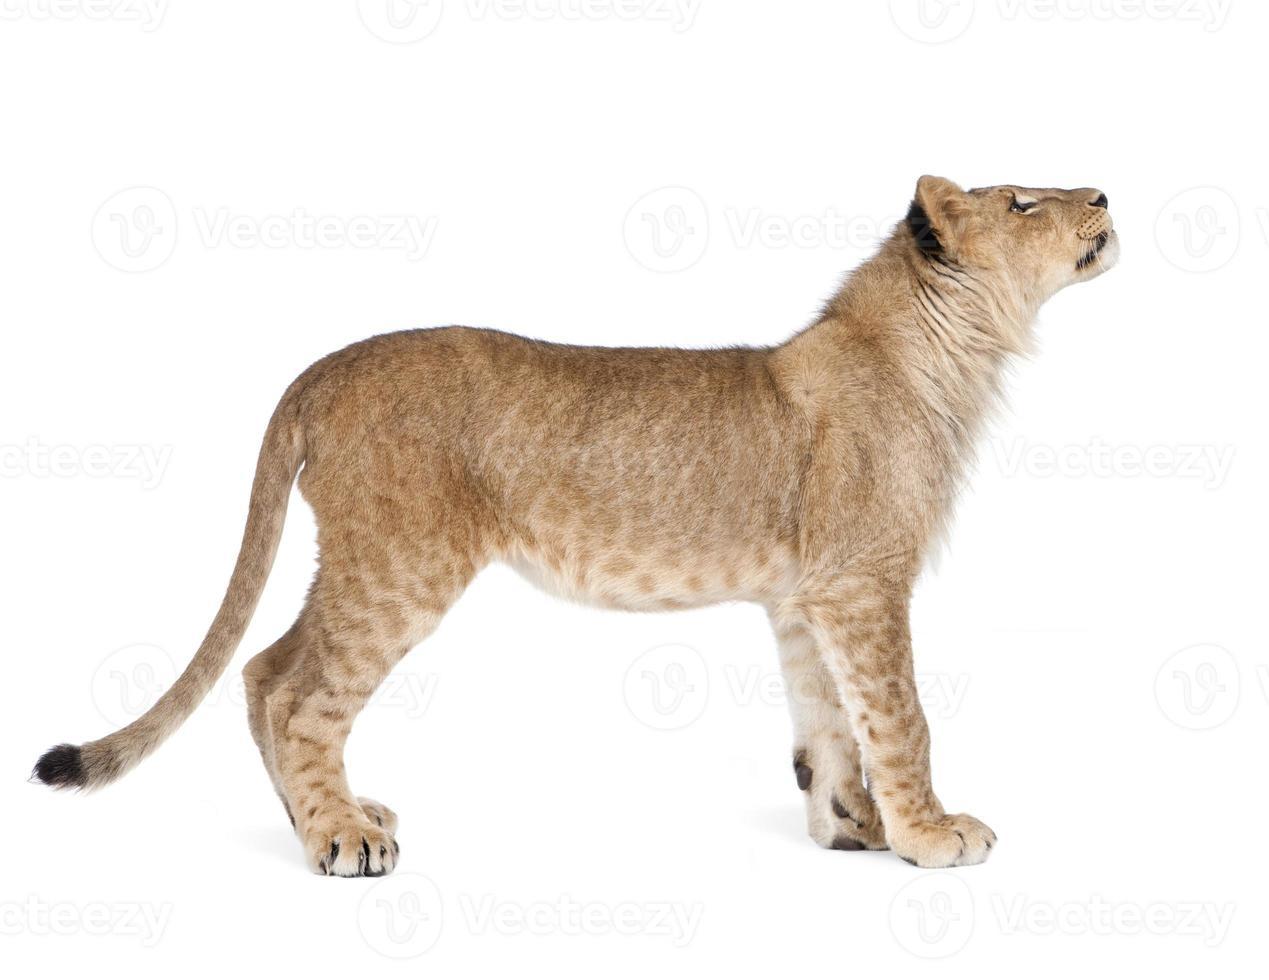 filhote de leão 8 meses foto